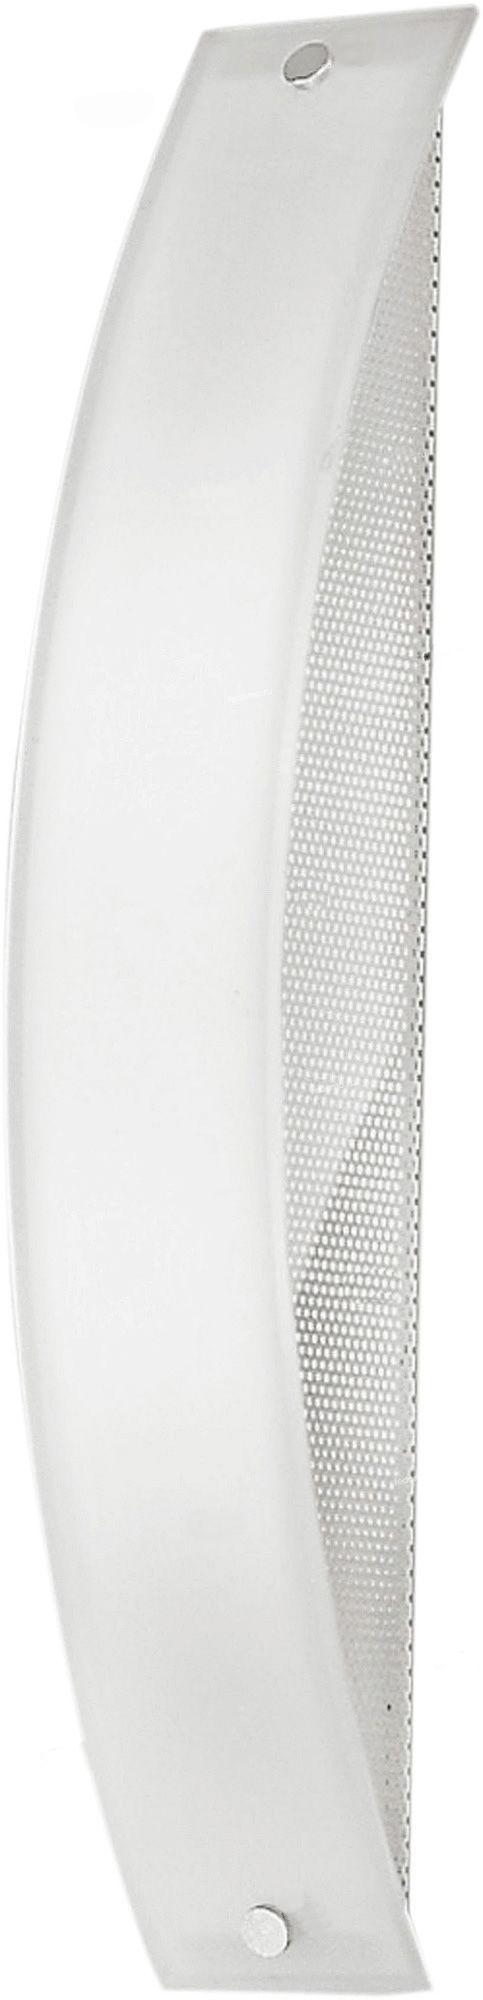 Светильник для ванной комнаты Eglo 80280-eg bari